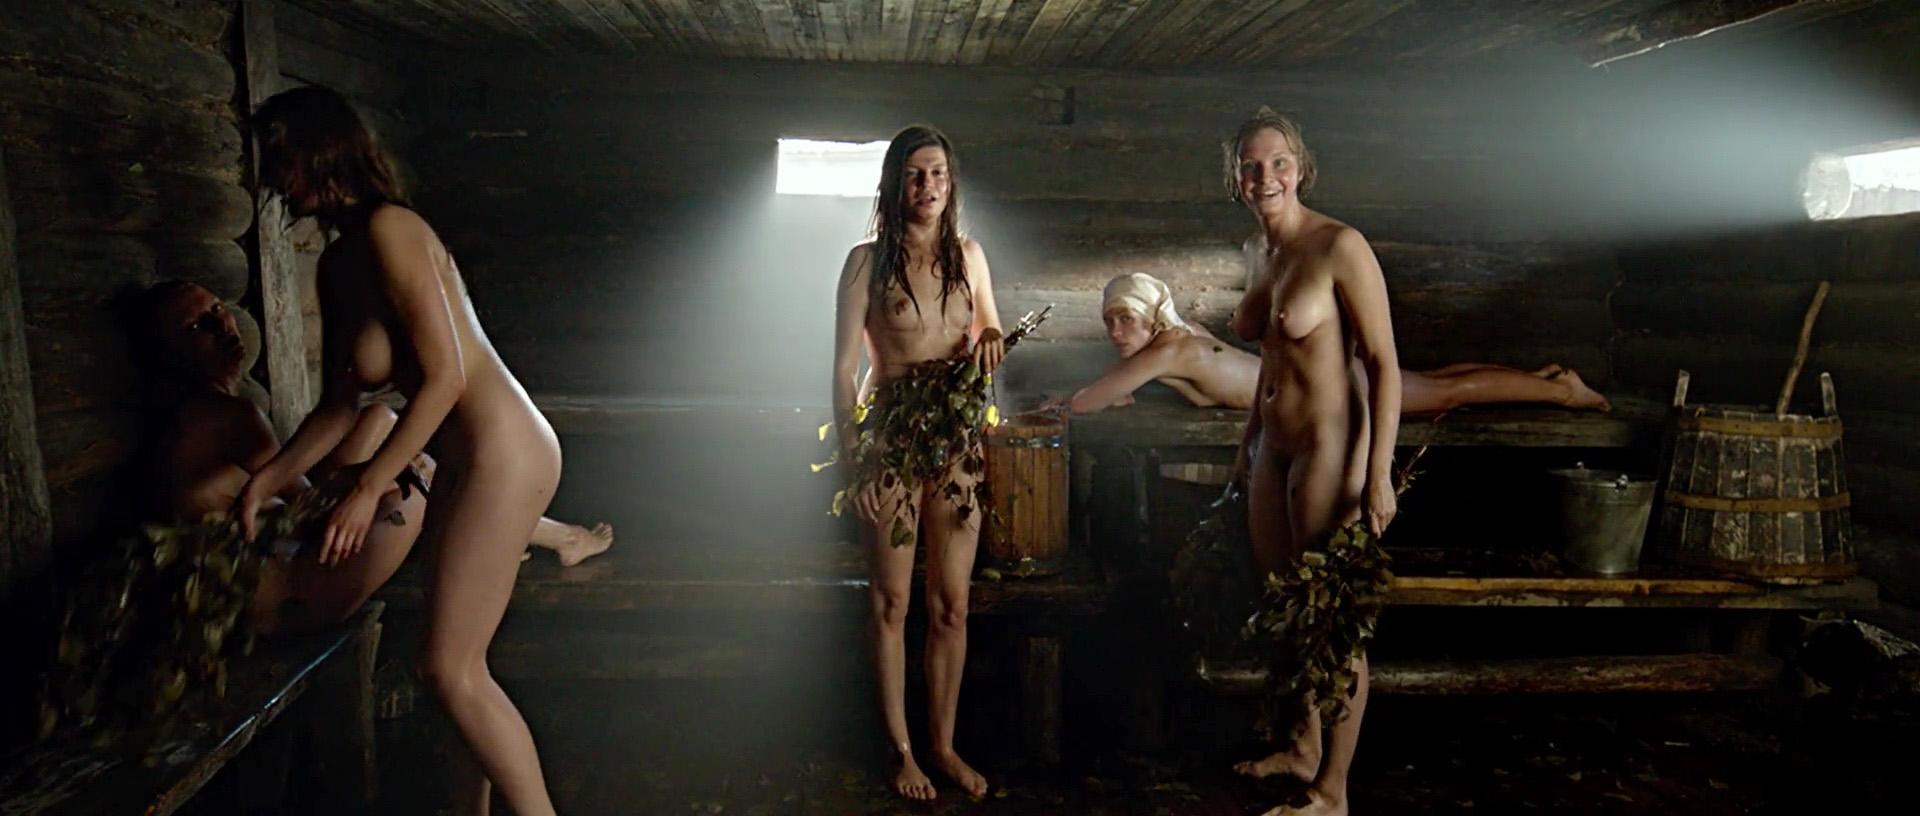 Русские актрисы фото голые, Голые актрисы - фото русских и зарубежных актрис 21 фотография